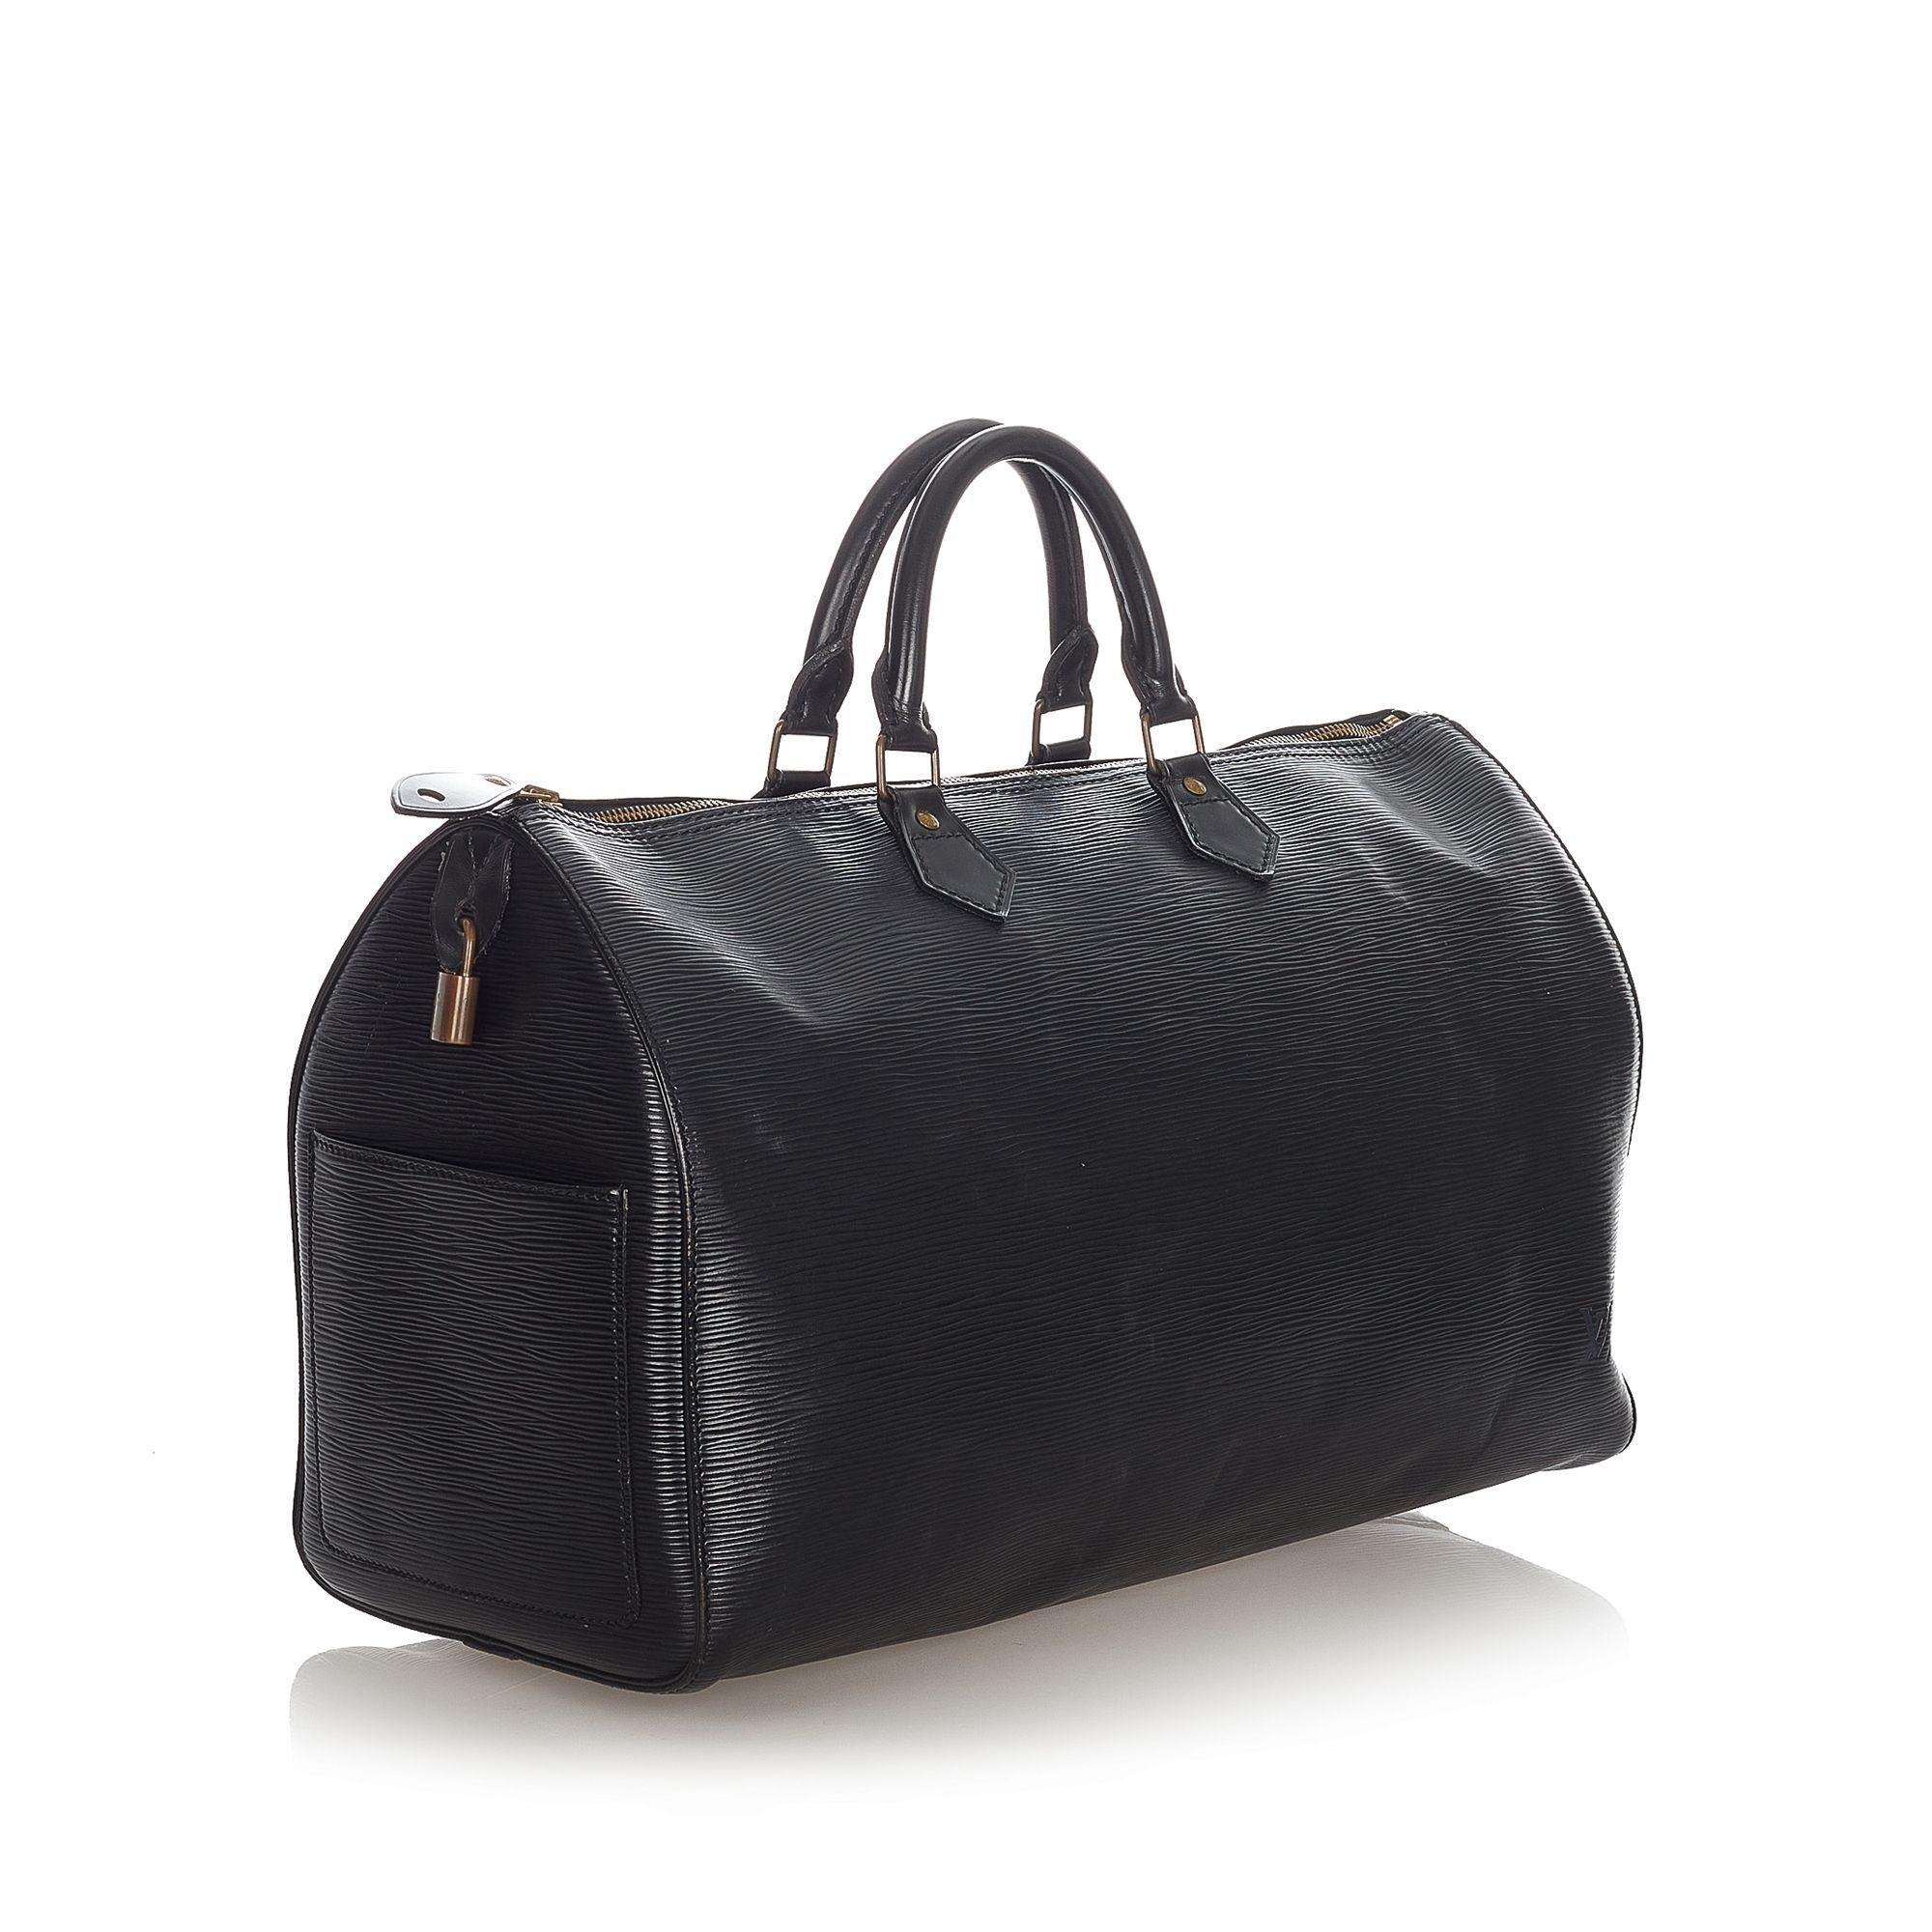 Vintage Louis Vuitton Epi Speedy 40 Black